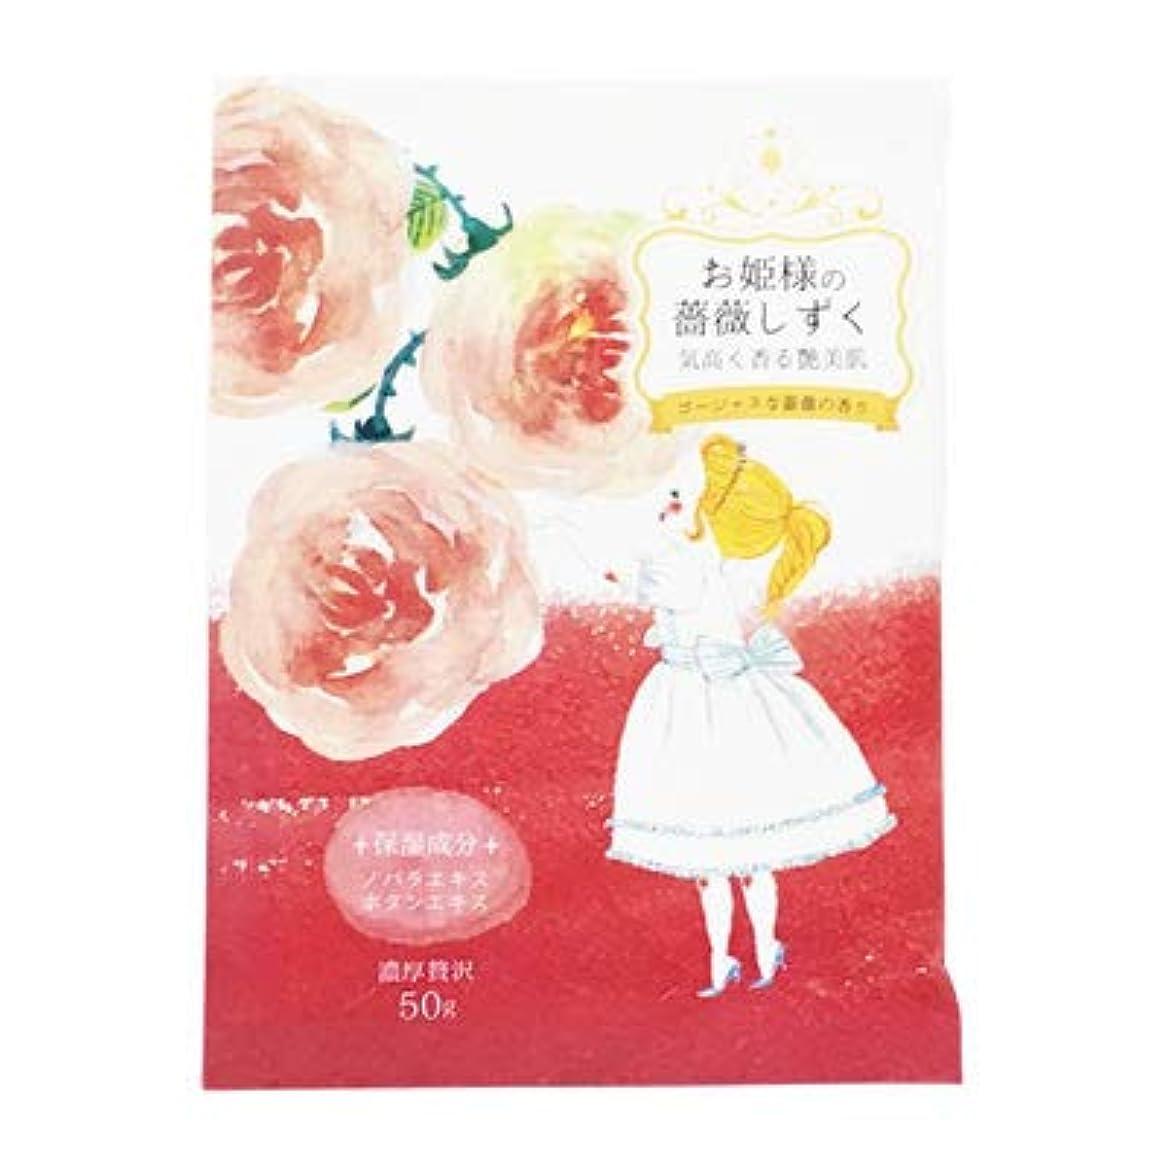 敵対的説明する湖【まとめ買い6個セット】 お姫様風呂 薔薇しずく